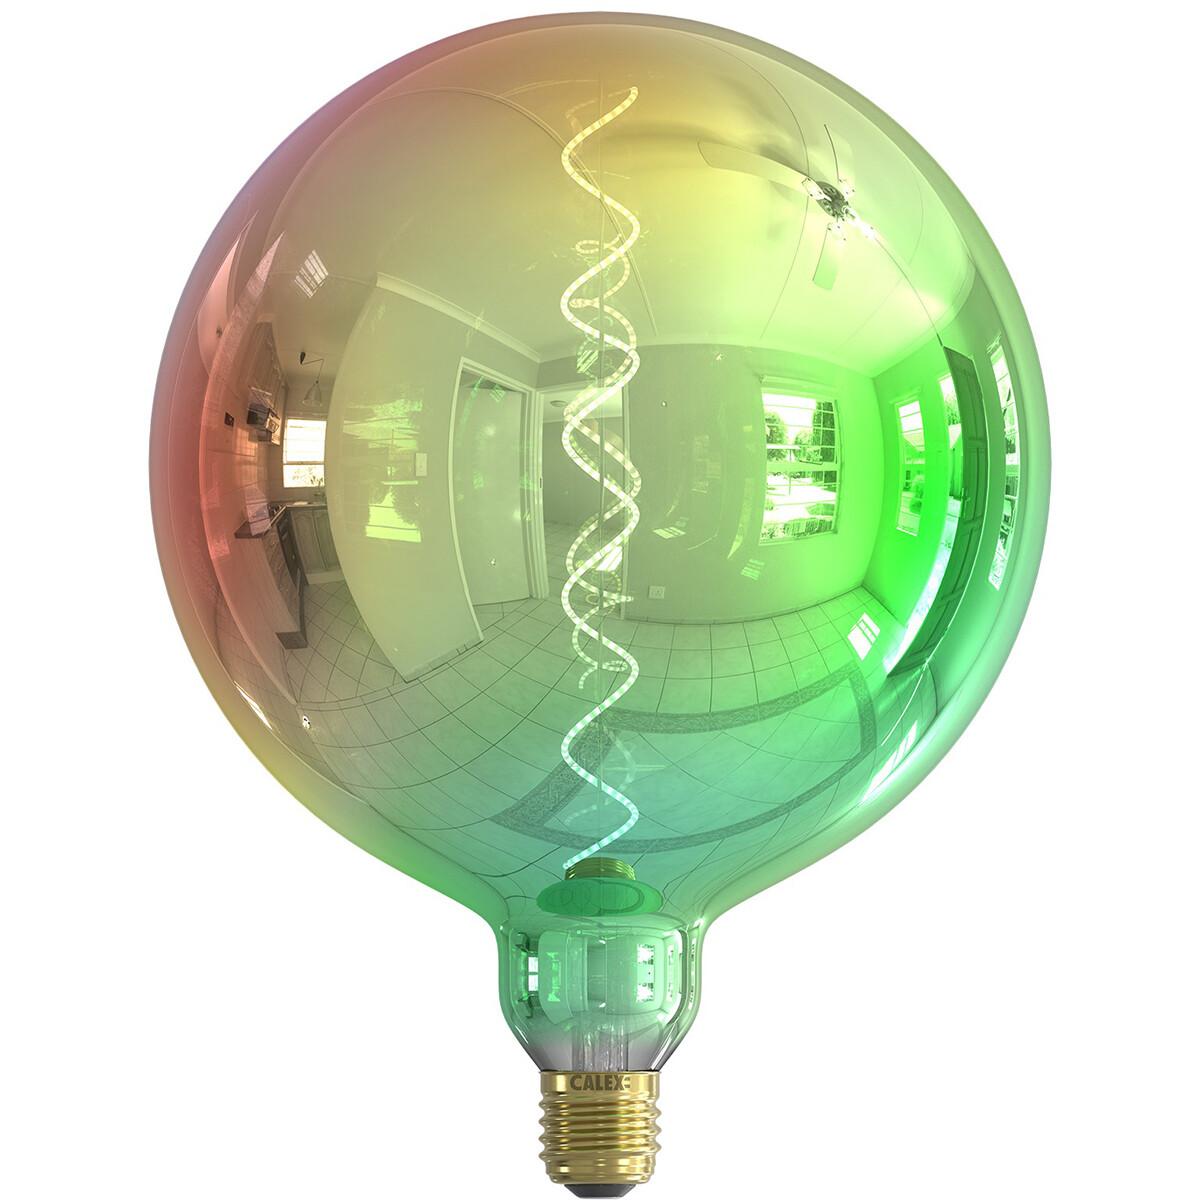 Filament Kalmar LED Globe color special metallic